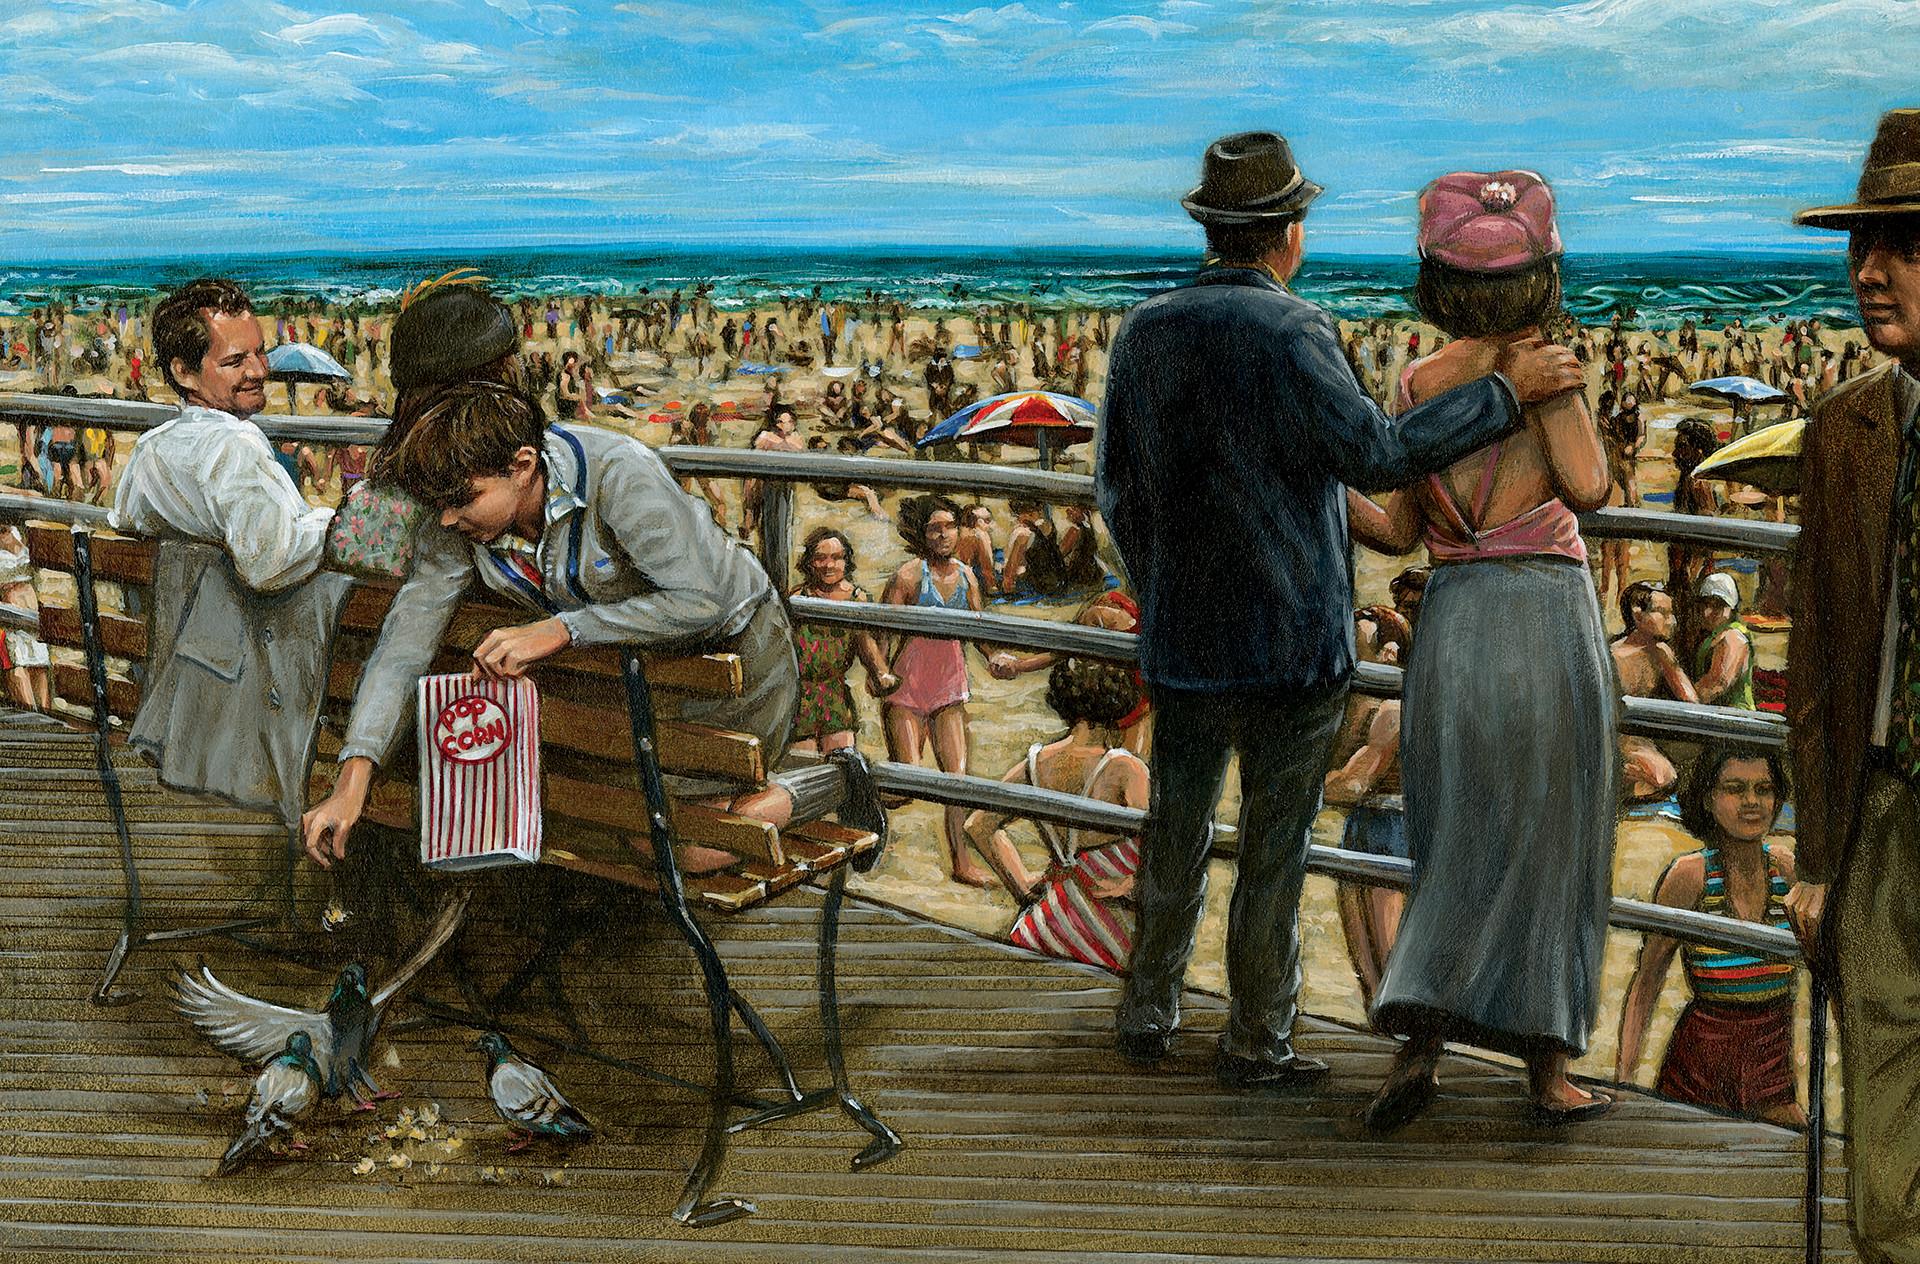 Coney Island Beach and Boardwalk